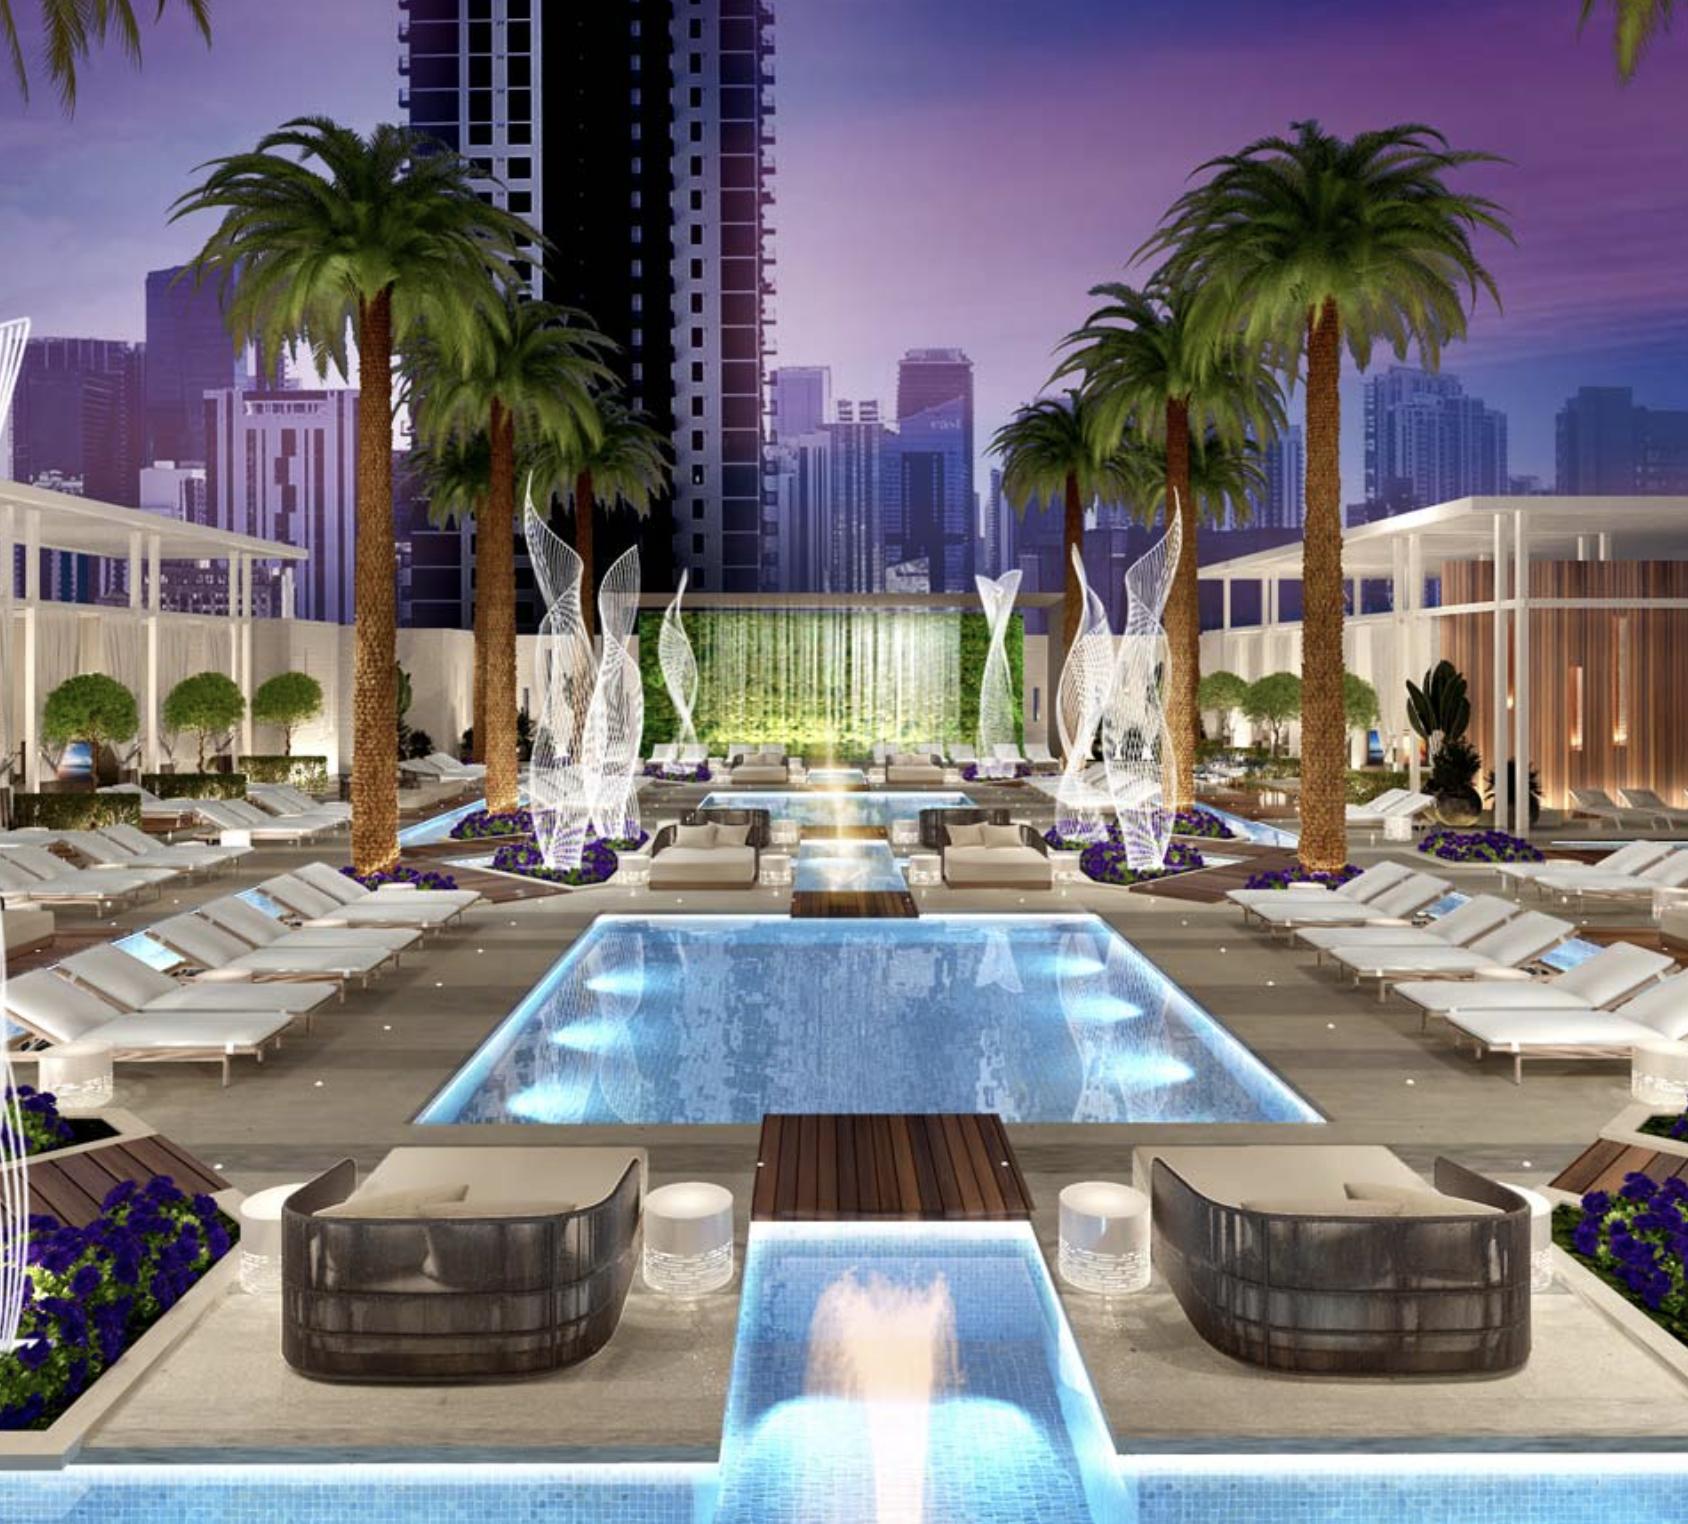 Legacy Miami Worldcenter. Designed by Kobi Karp.